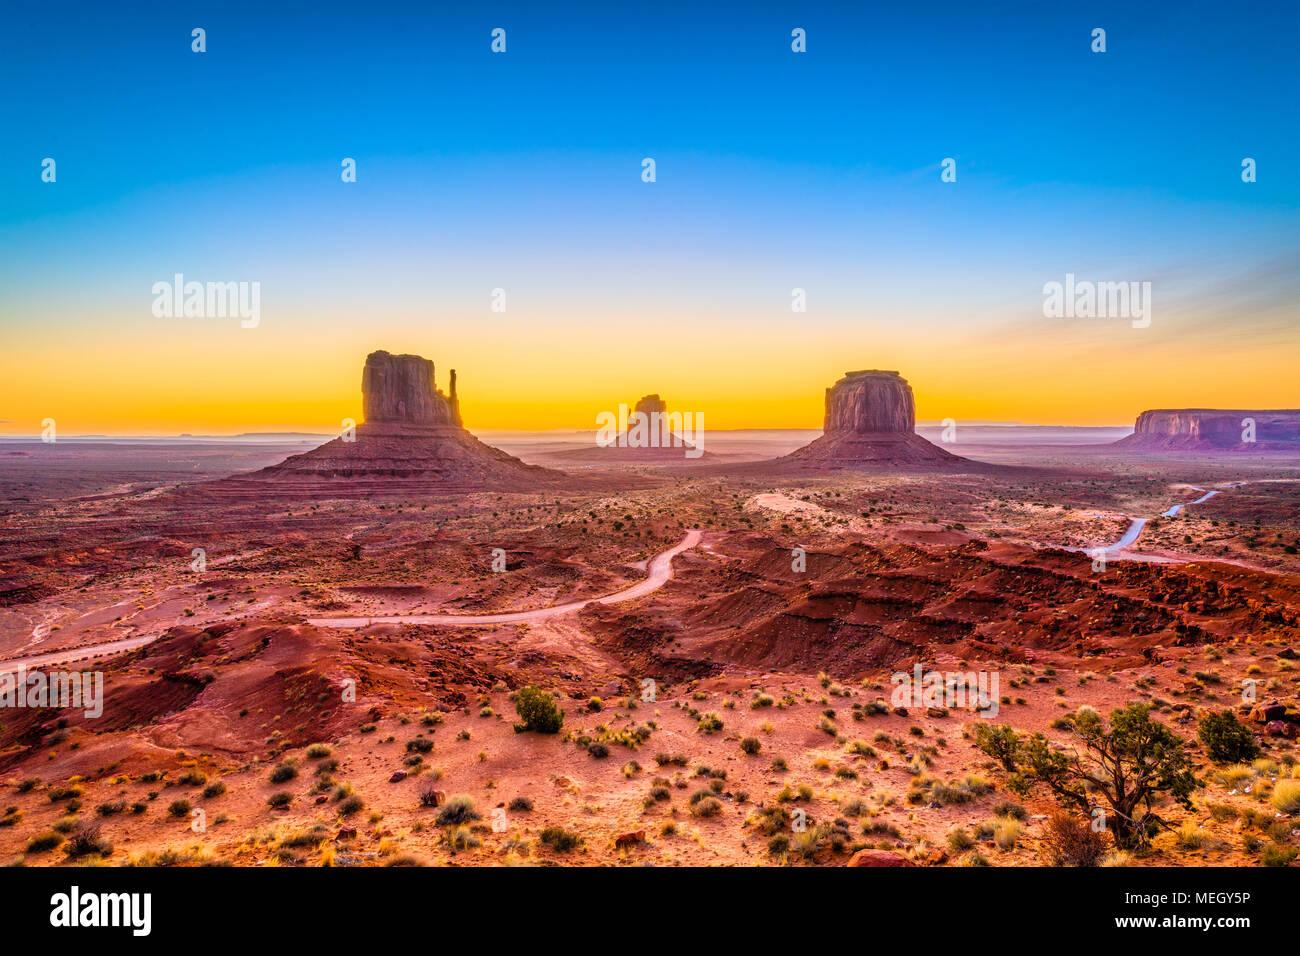 Il Monument Valley, Arizona, Stati Uniti d'America all'alba. Immagini Stock